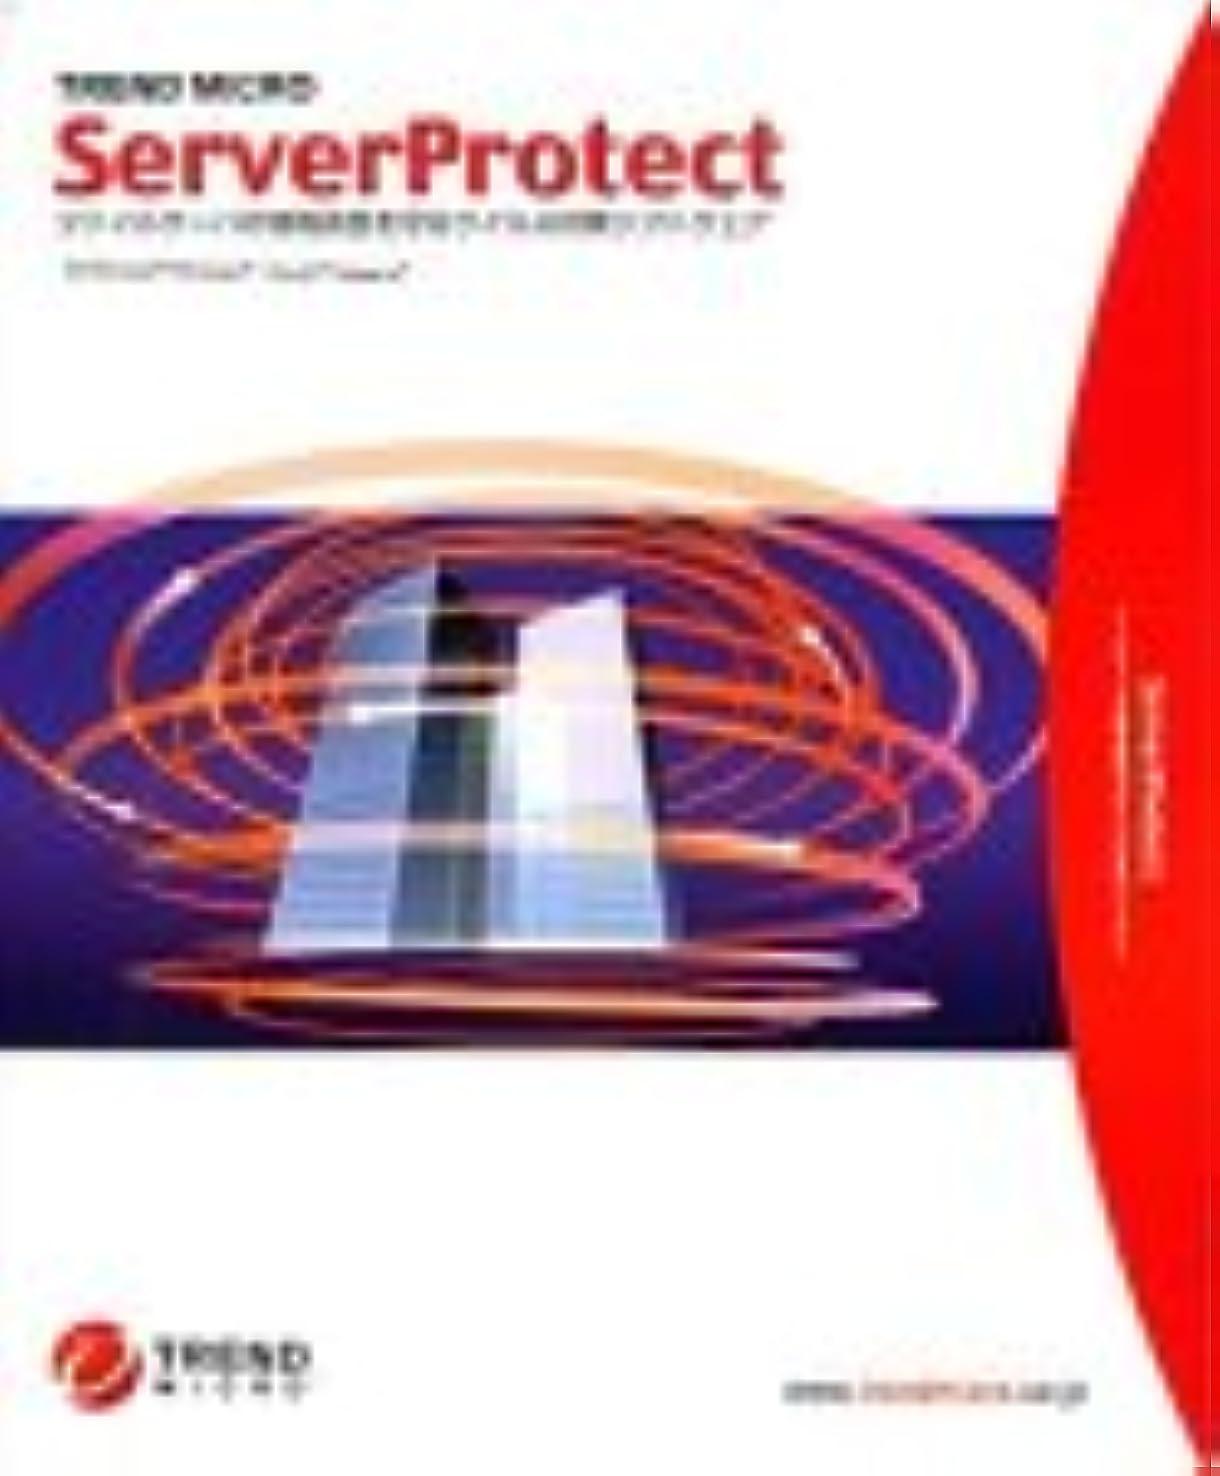 ほぼオーバーヘッドなすServerProtect Ver.5.58 for Microsoft Windows / Novel Netware マルチドメインサーバ版